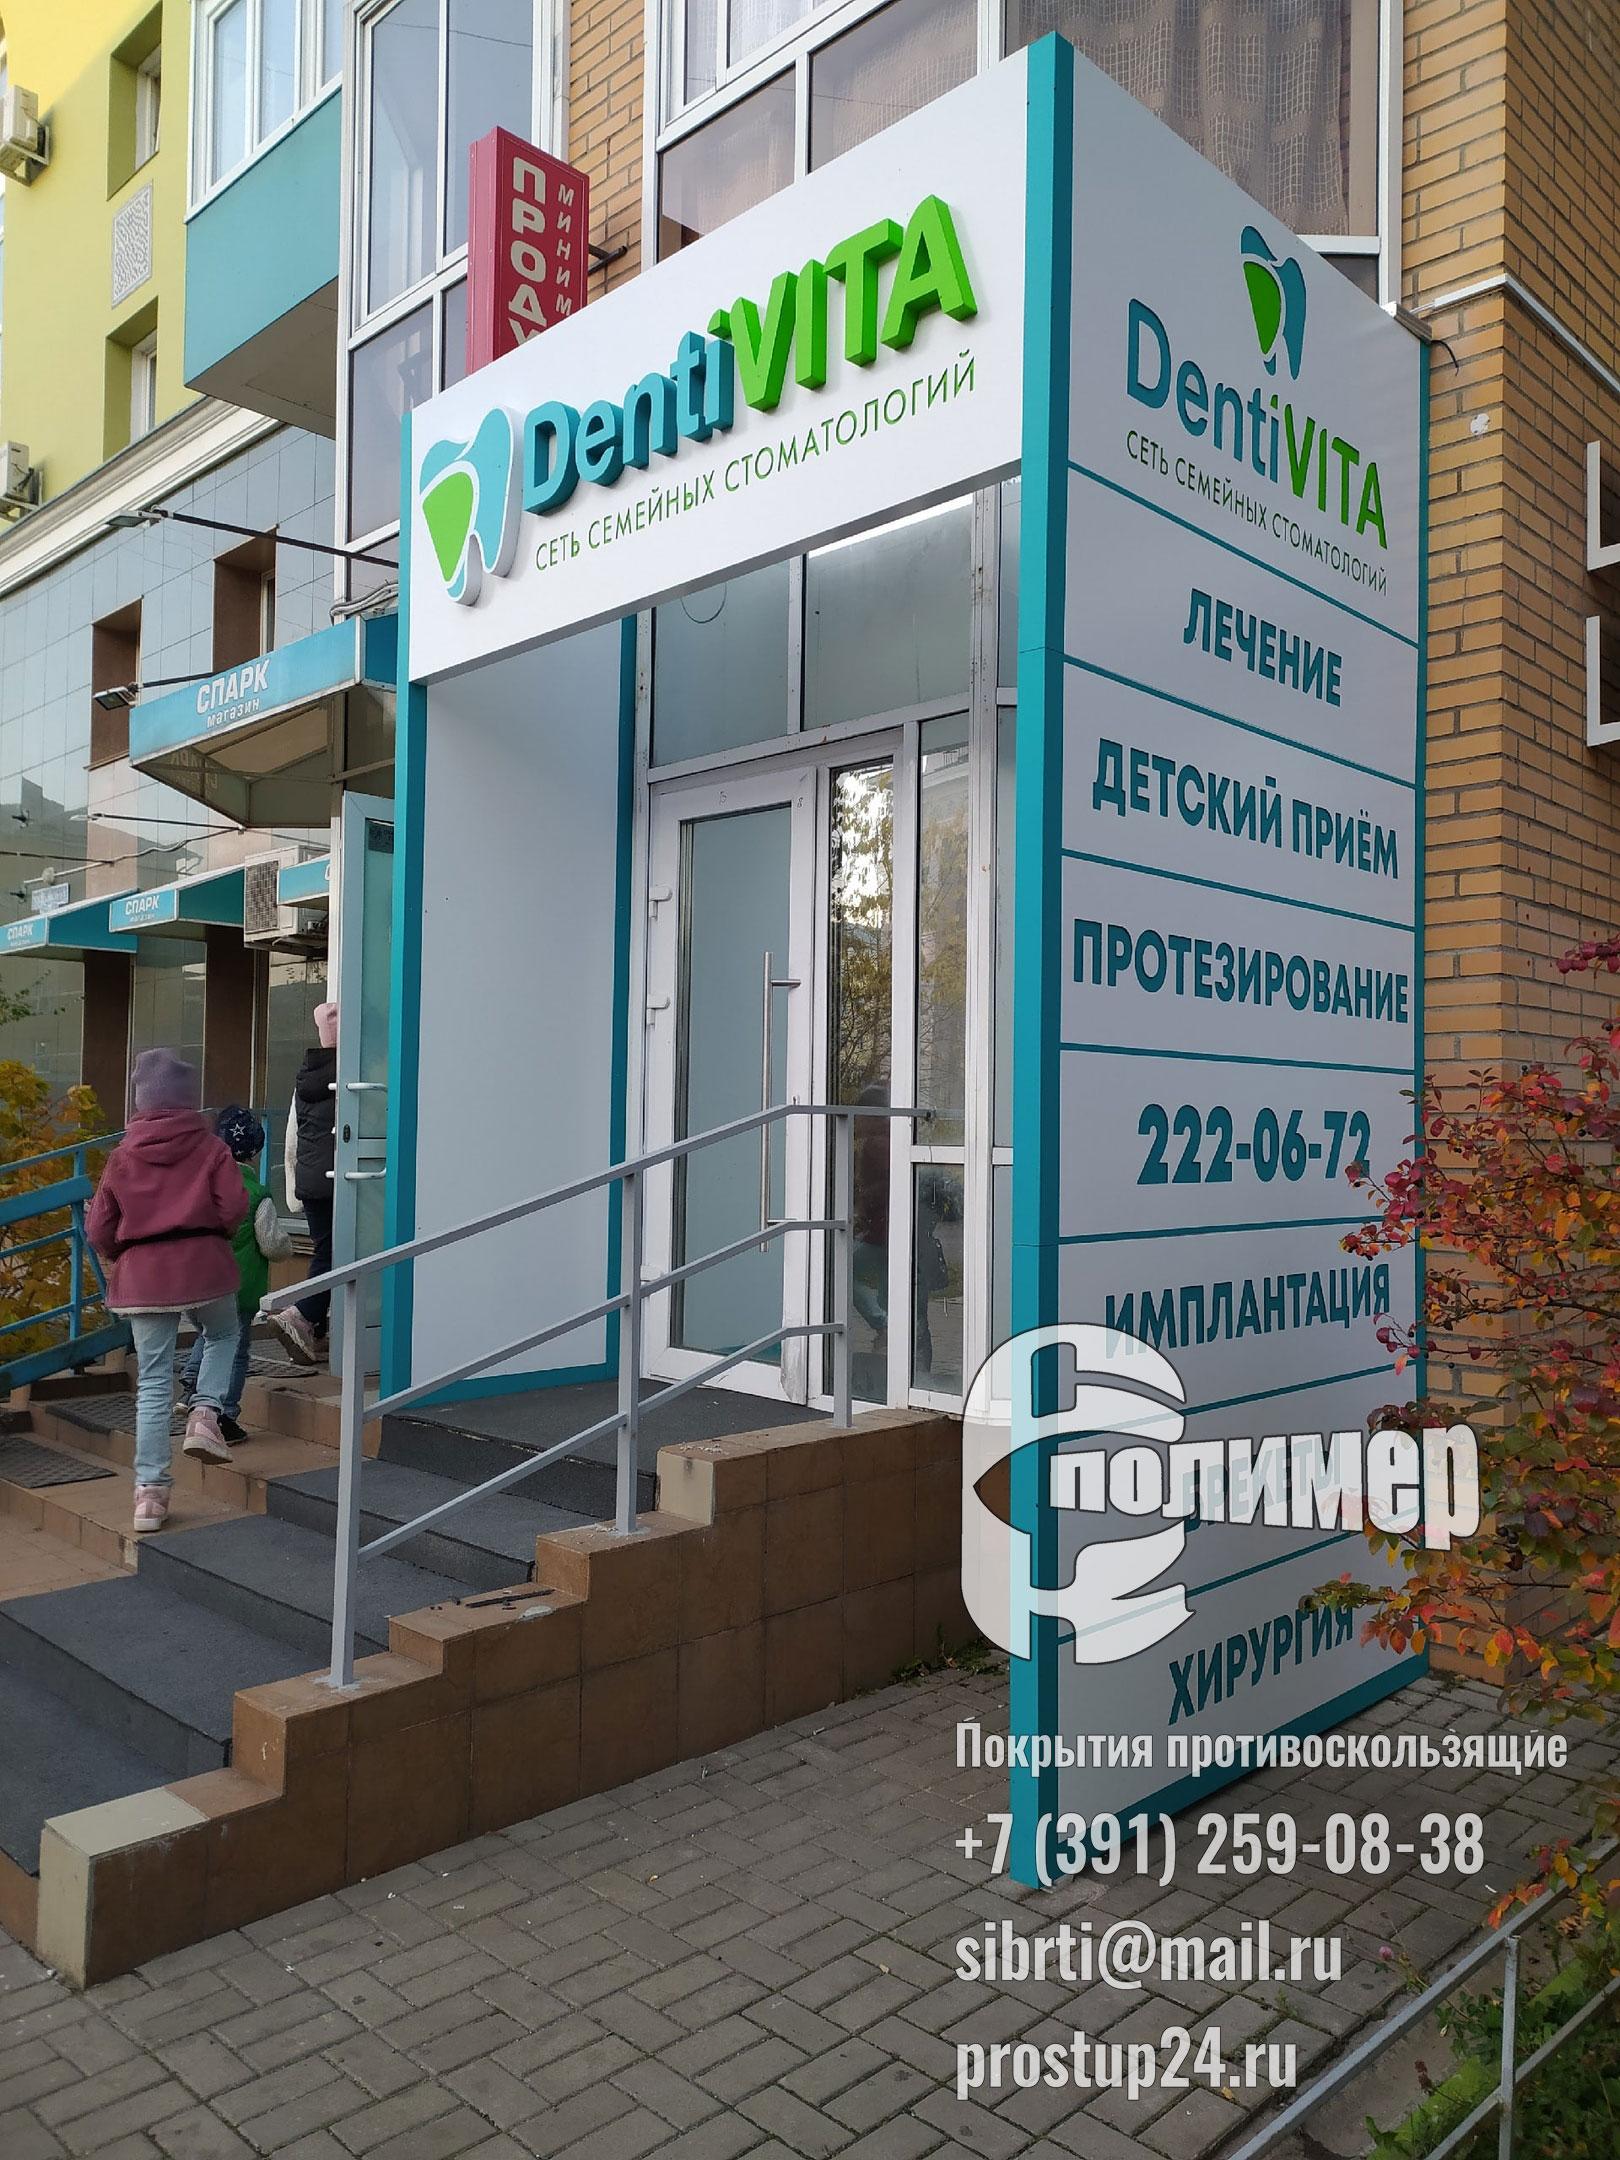 Противоскользаящие покрытия в городе Красноярск